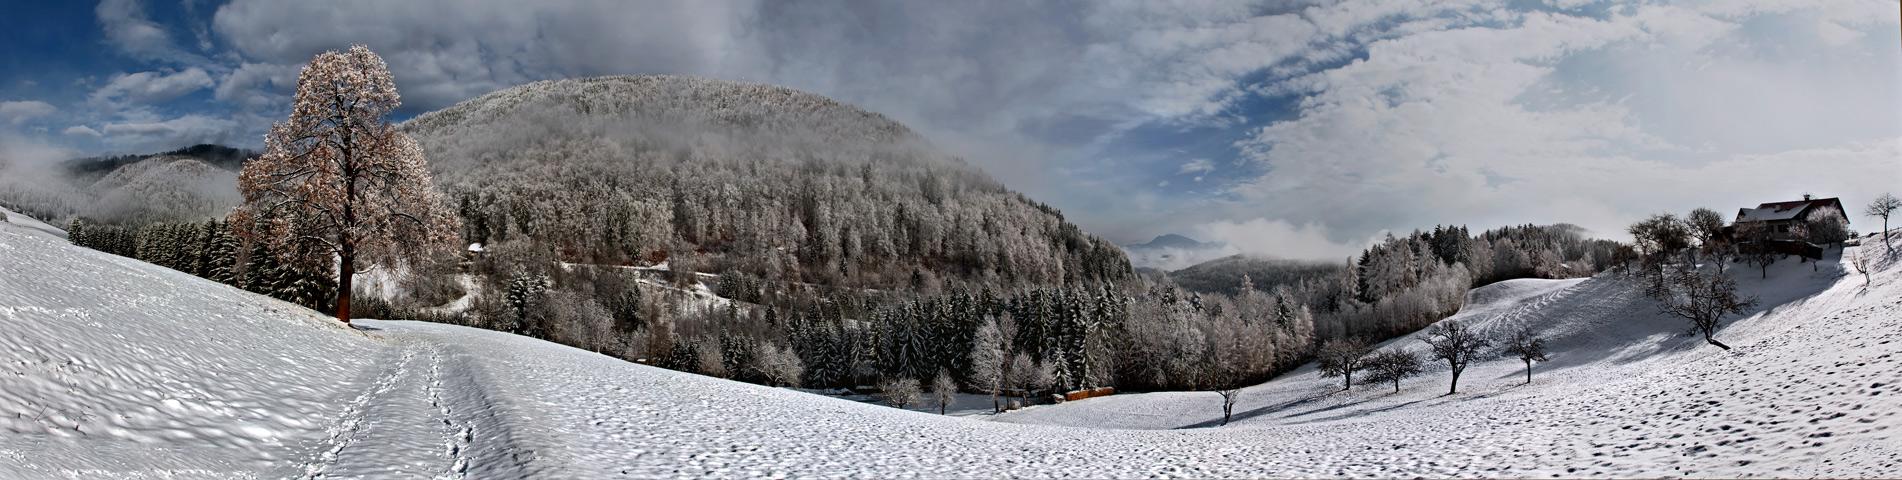 Steirische Winterlandschaft (Kehr bei Graz)